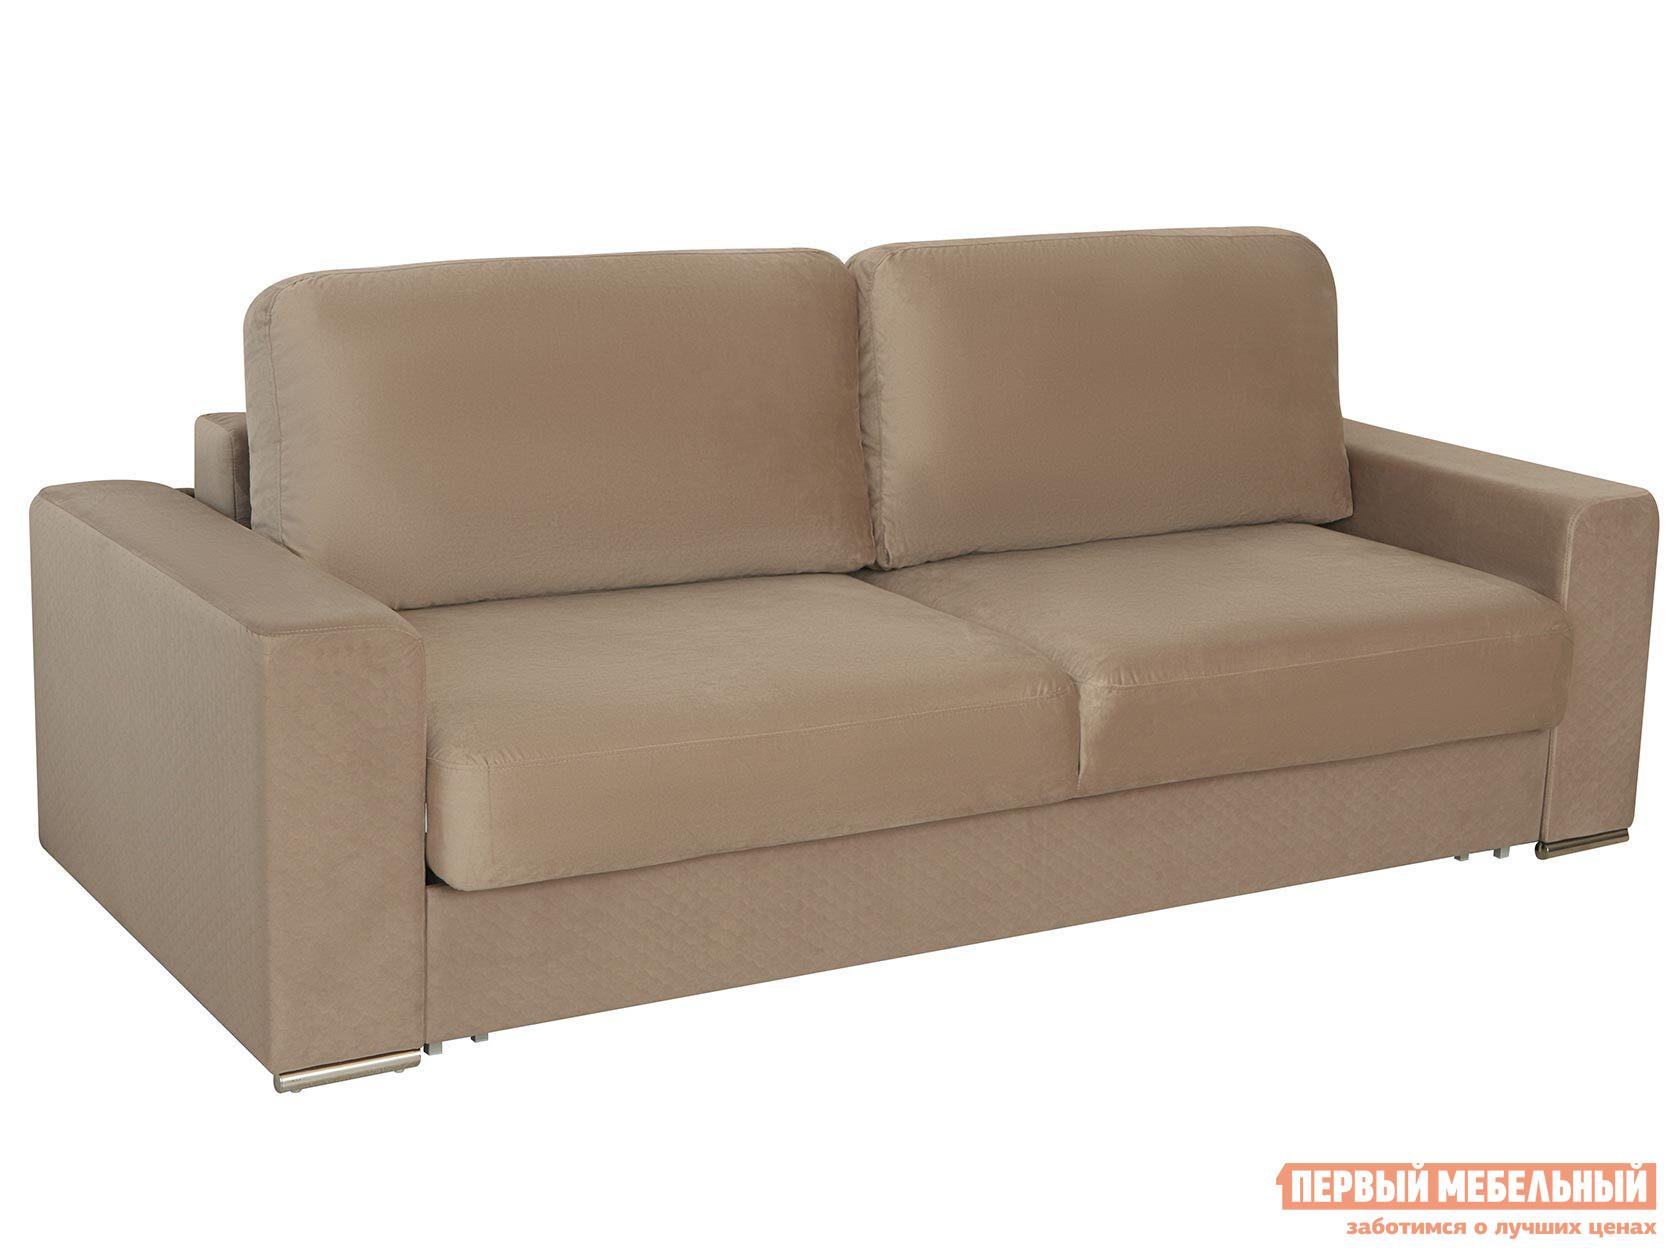 Прямой диван Первый Мебельный Прямой диван Ланкастер